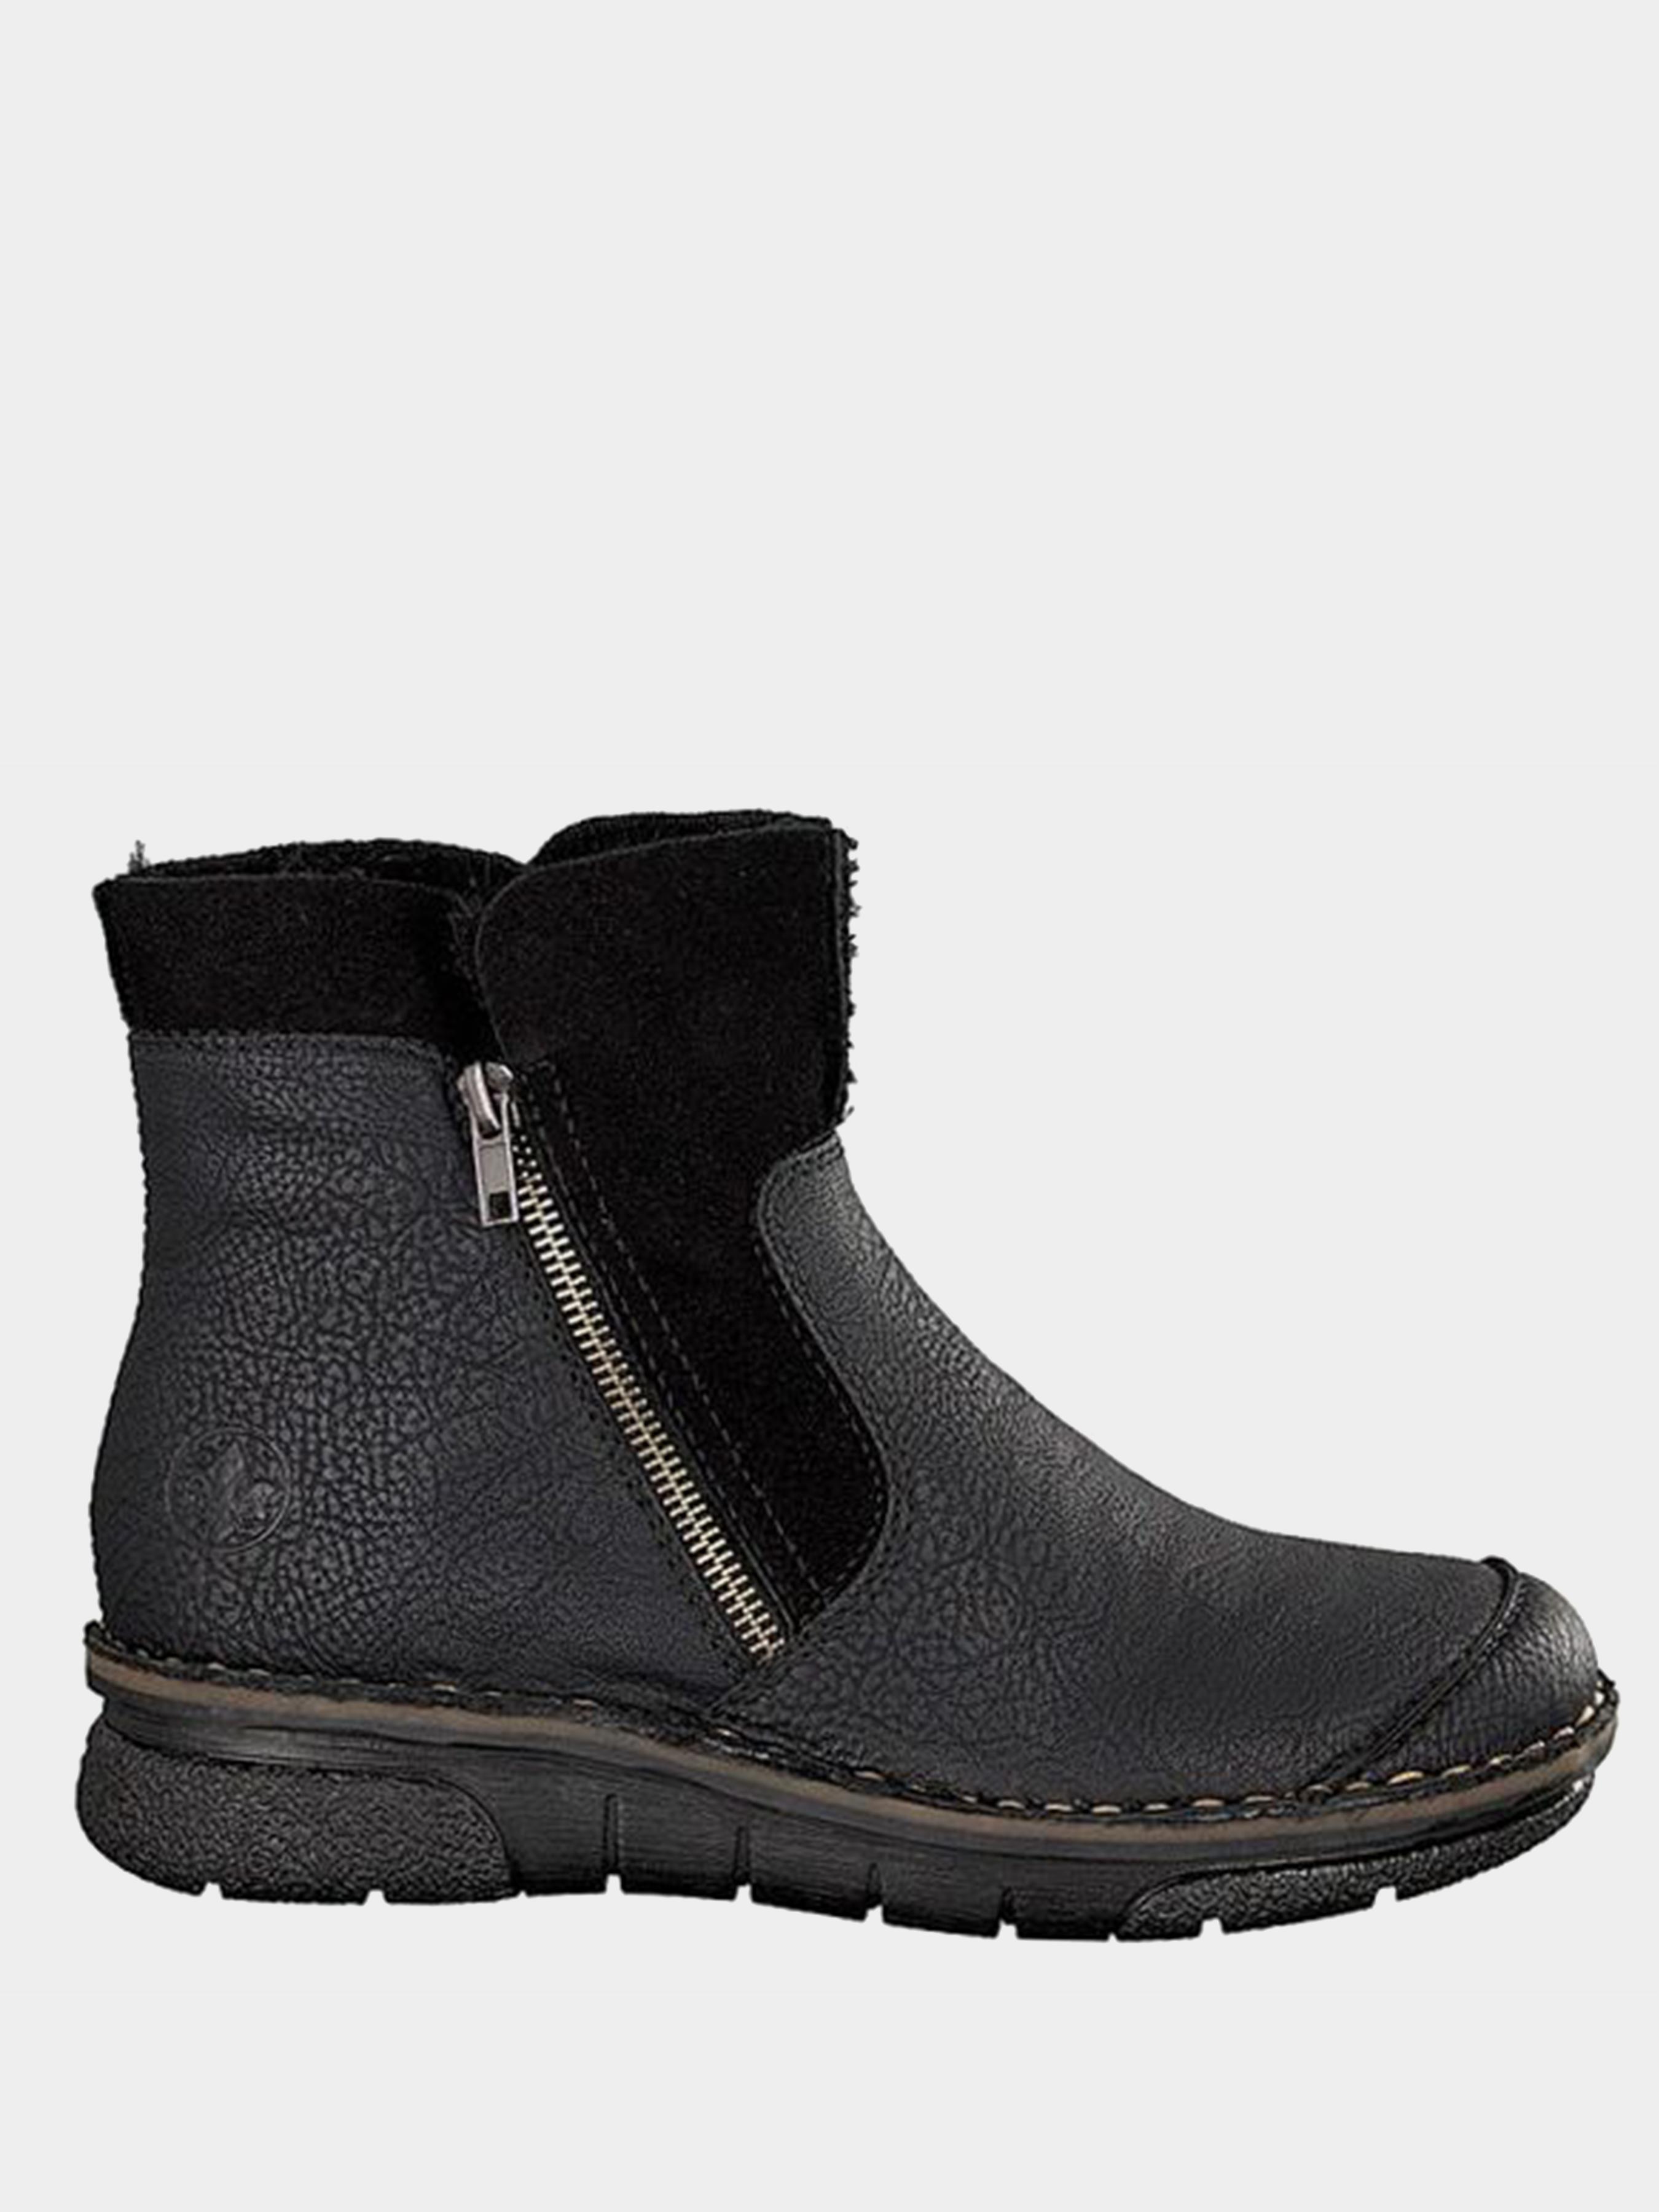 Купить Ботинки женские RIEKER RW1139, Черный